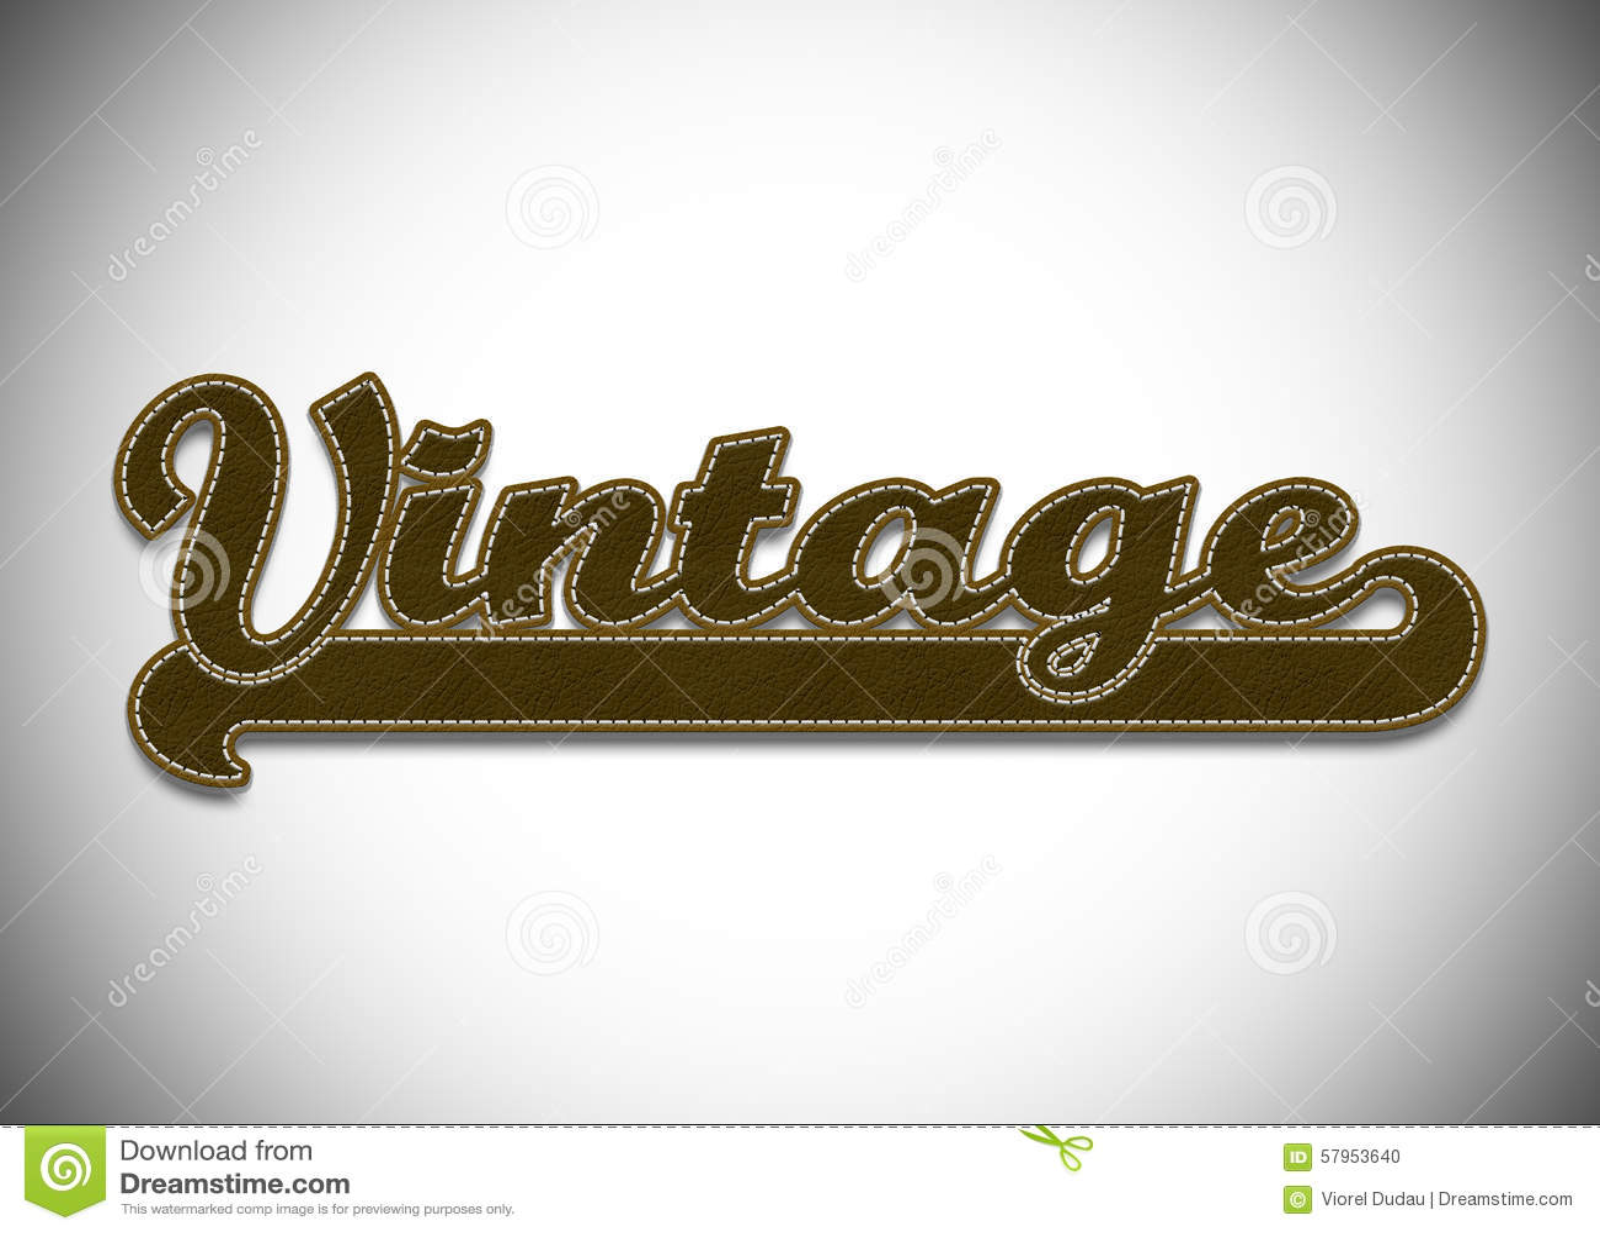 the word vintage